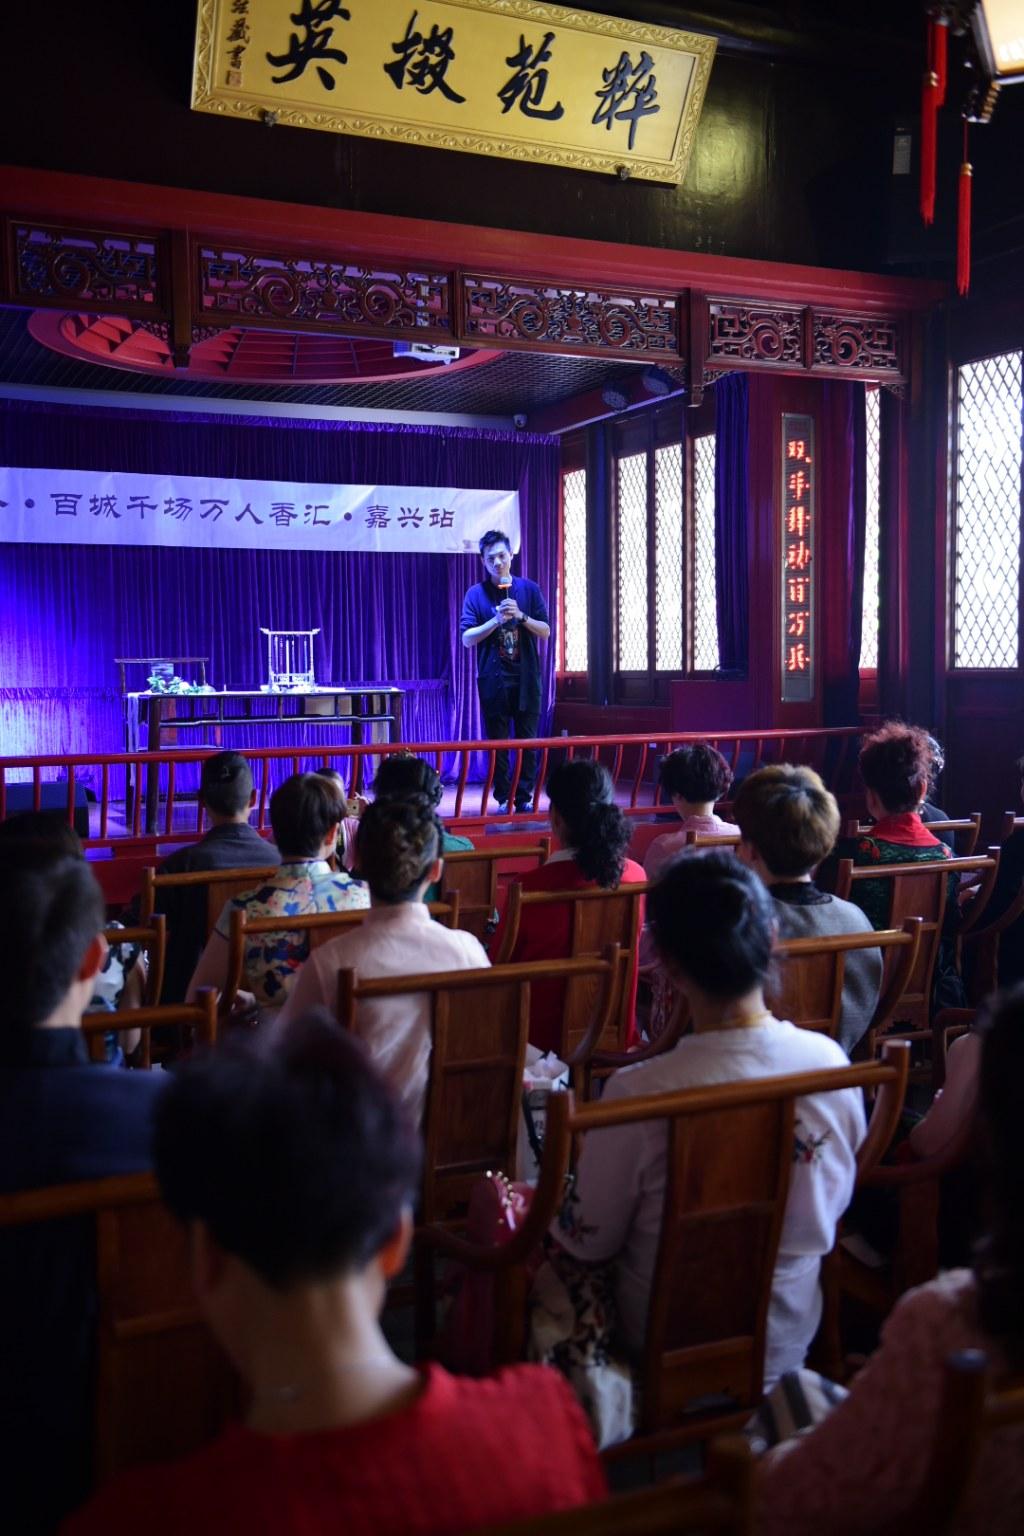 凡朴香文化创始人之一:曾老师